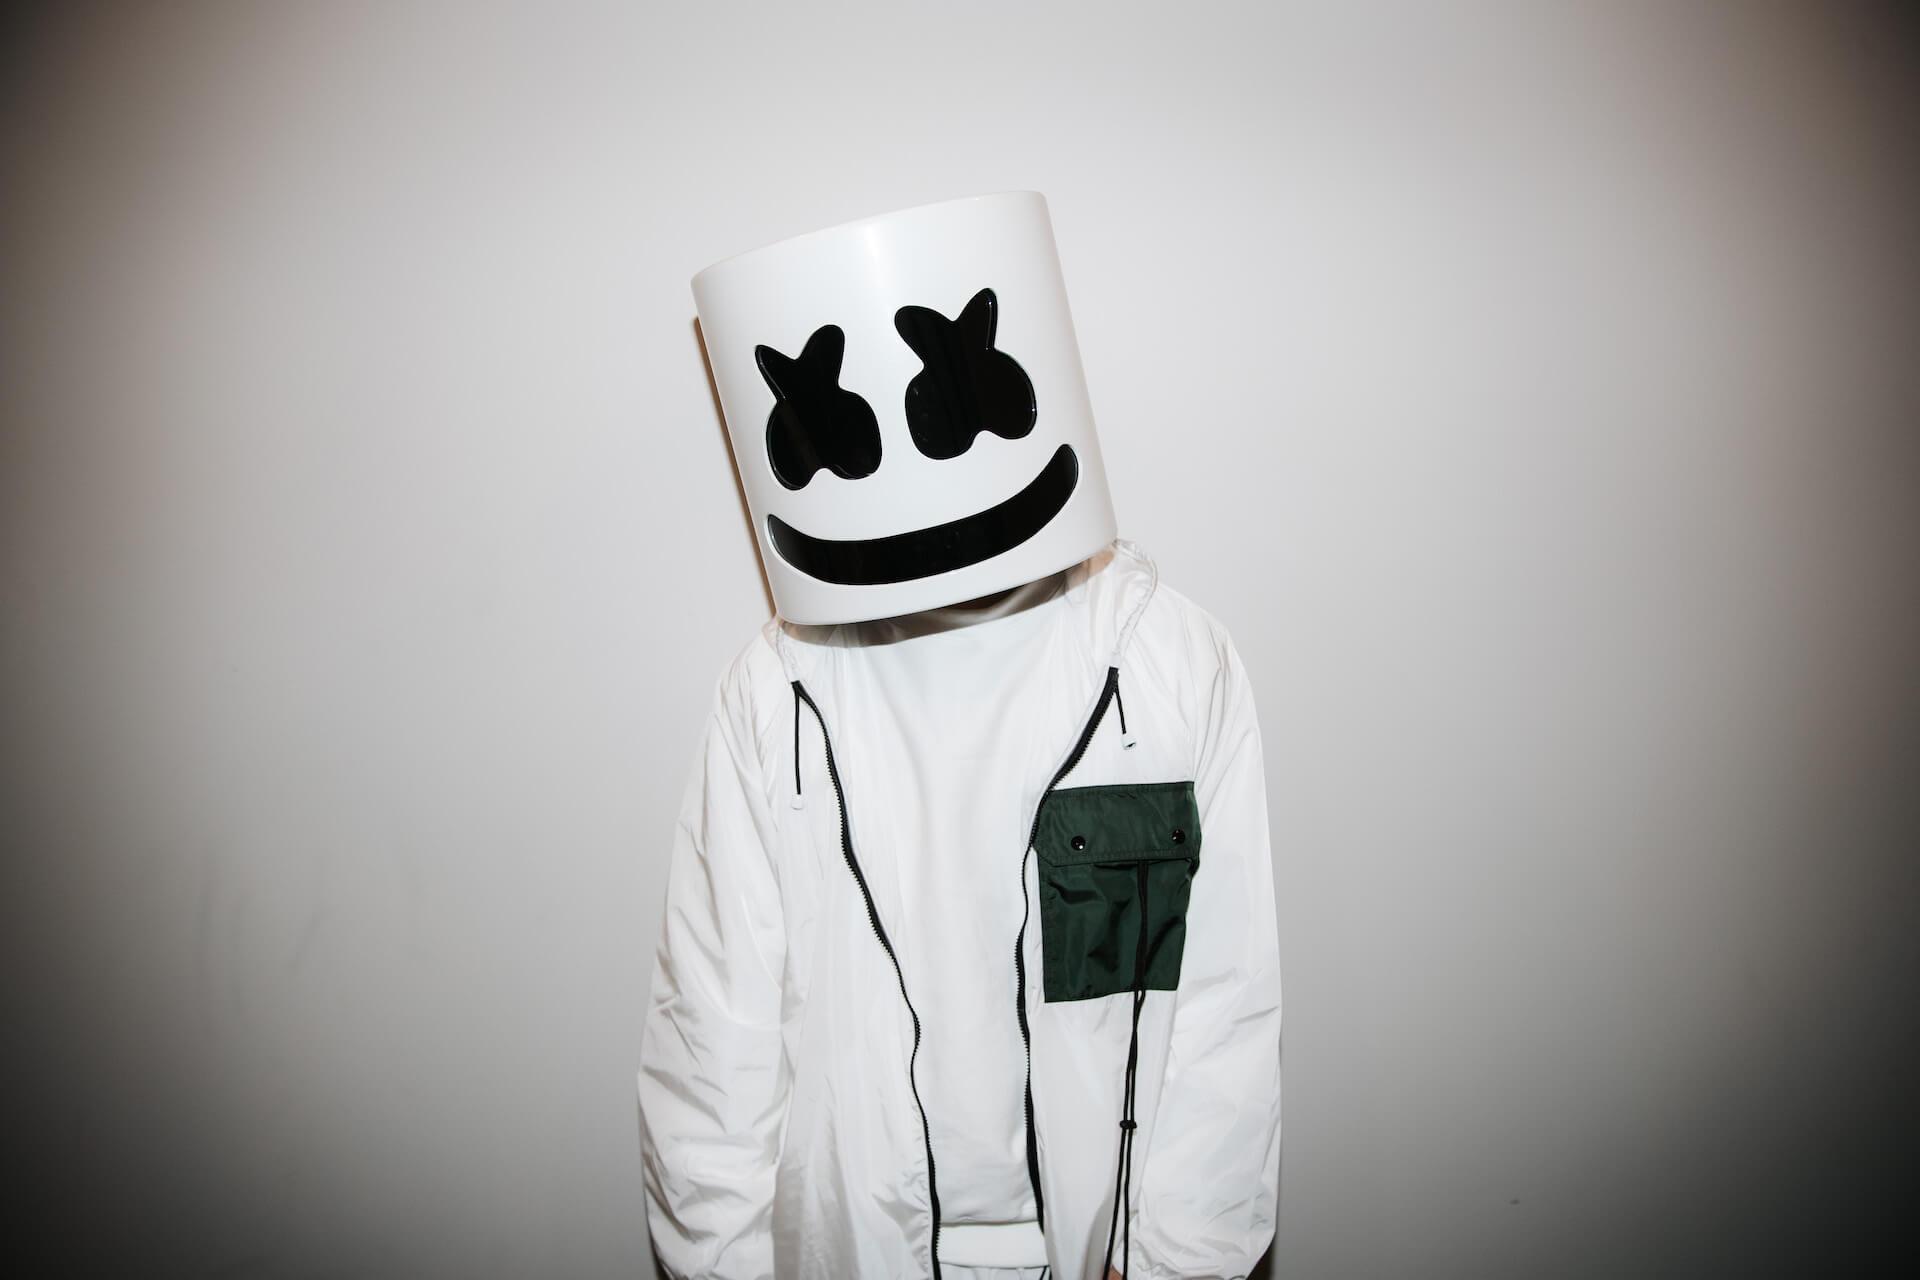 覆面DJ、Marshmelloが最新作「ショックウェイブ」をリリース|MeganTheeStallion、JuicyJらが参加 music210611-marshmello-1